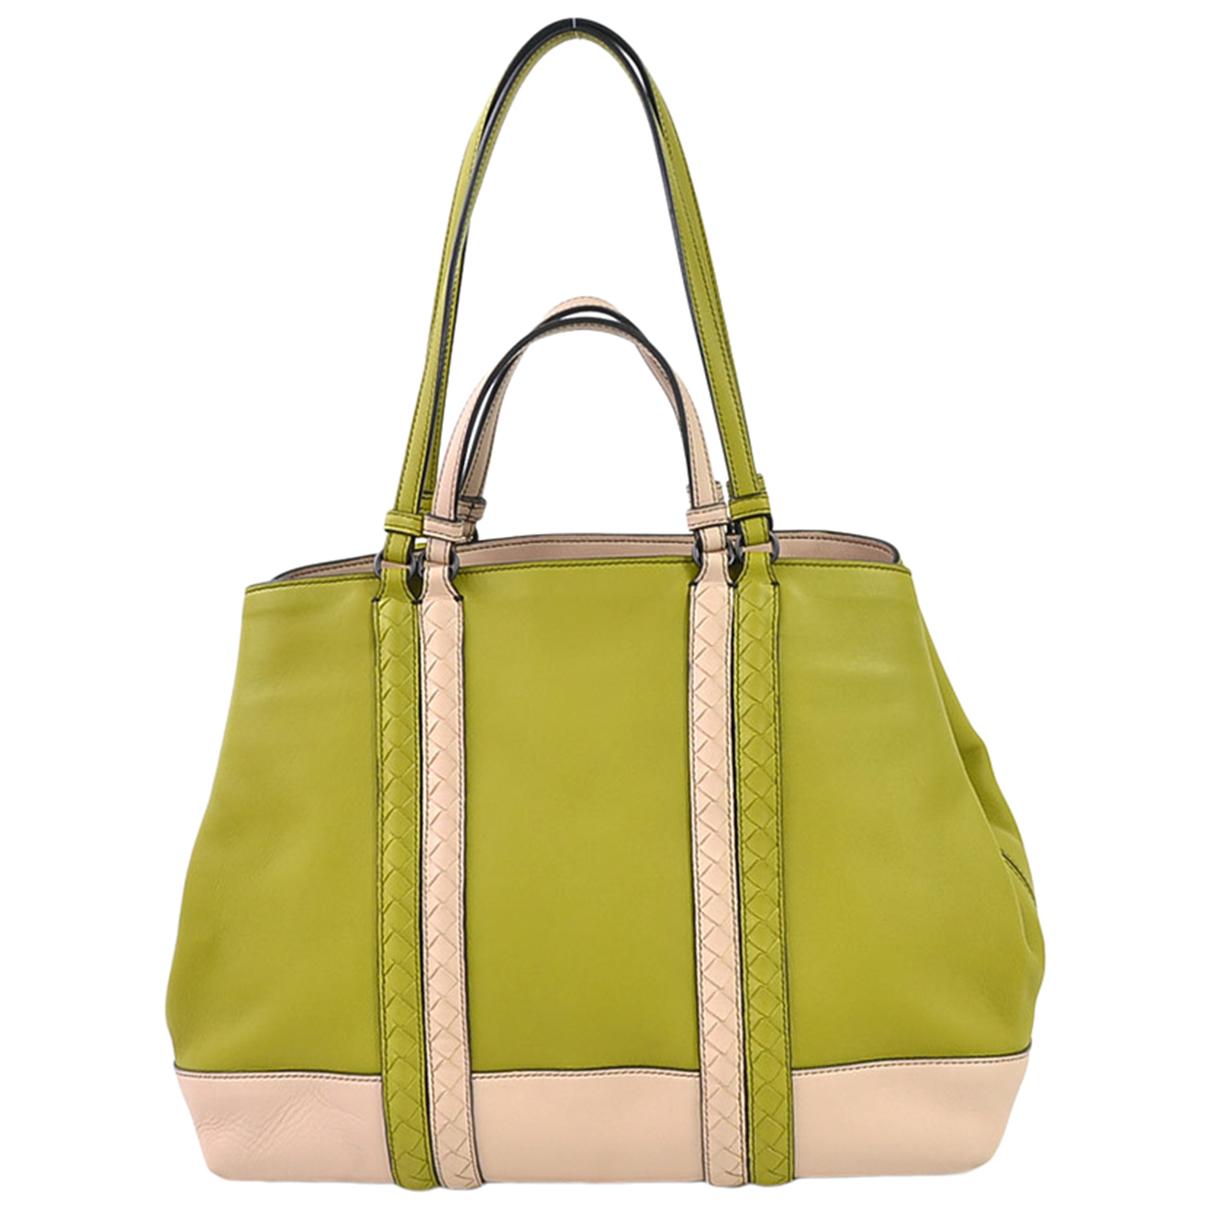 Bottega Veneta \N Green Leather handbag for Women \N